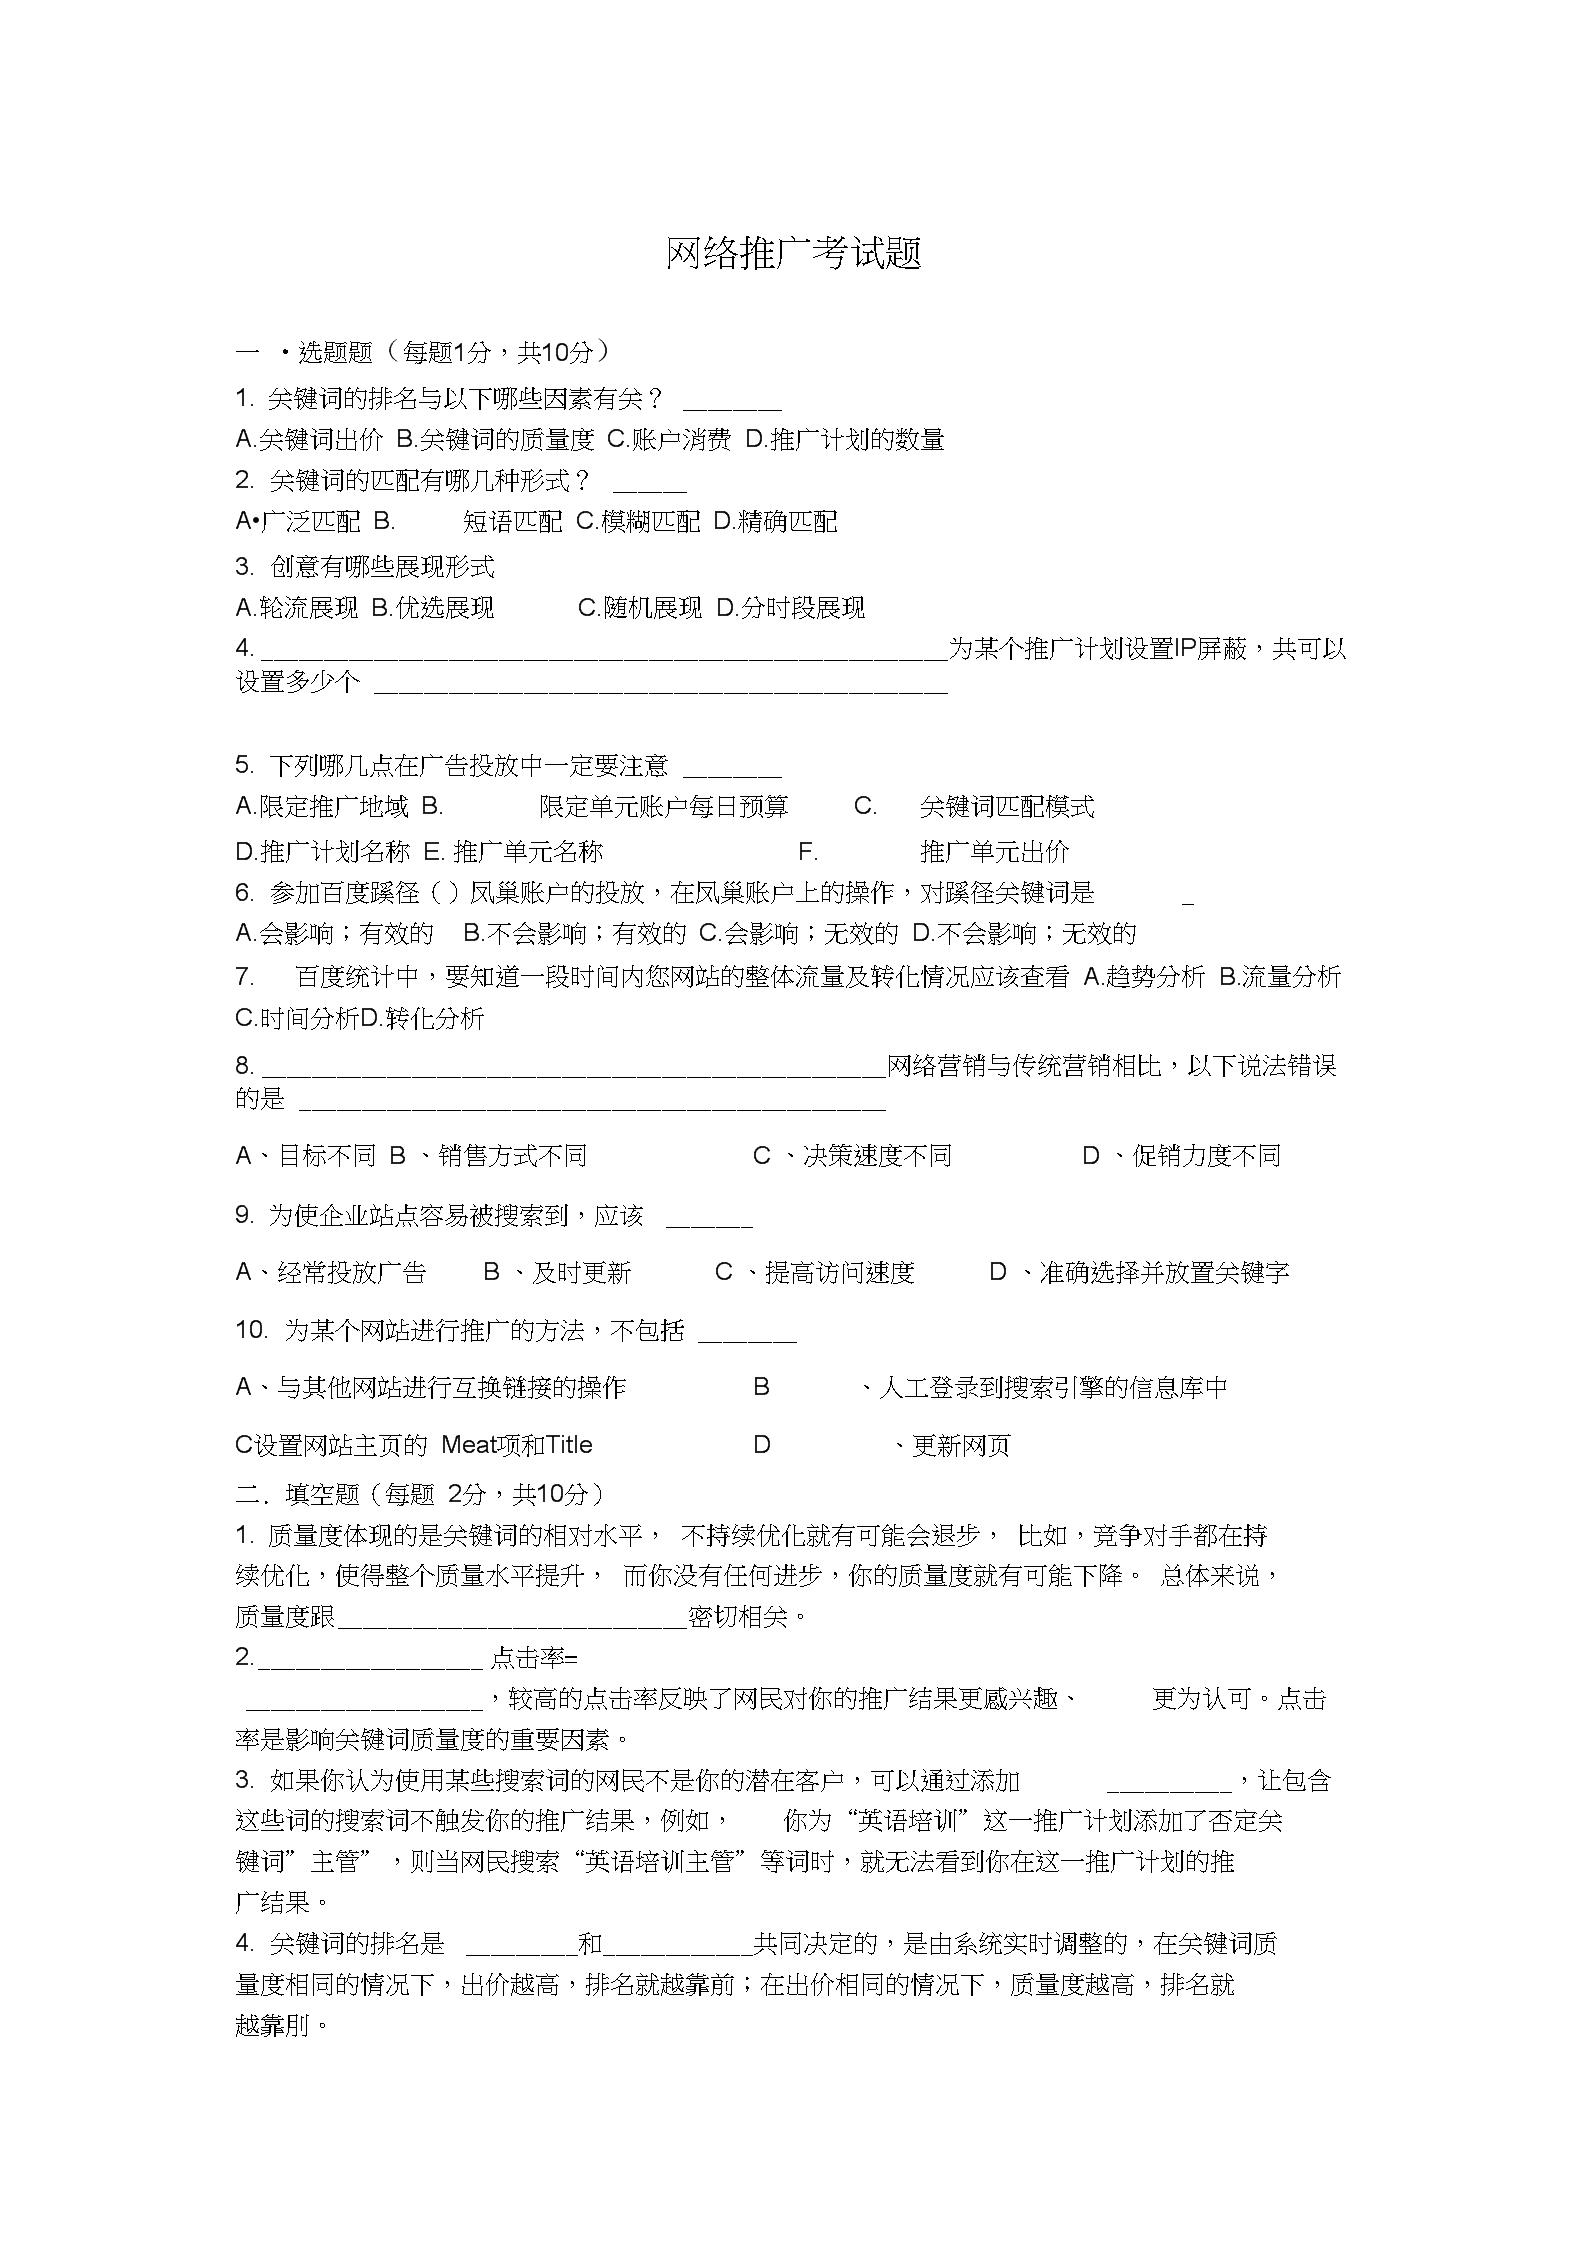 网络推广考试题.docx